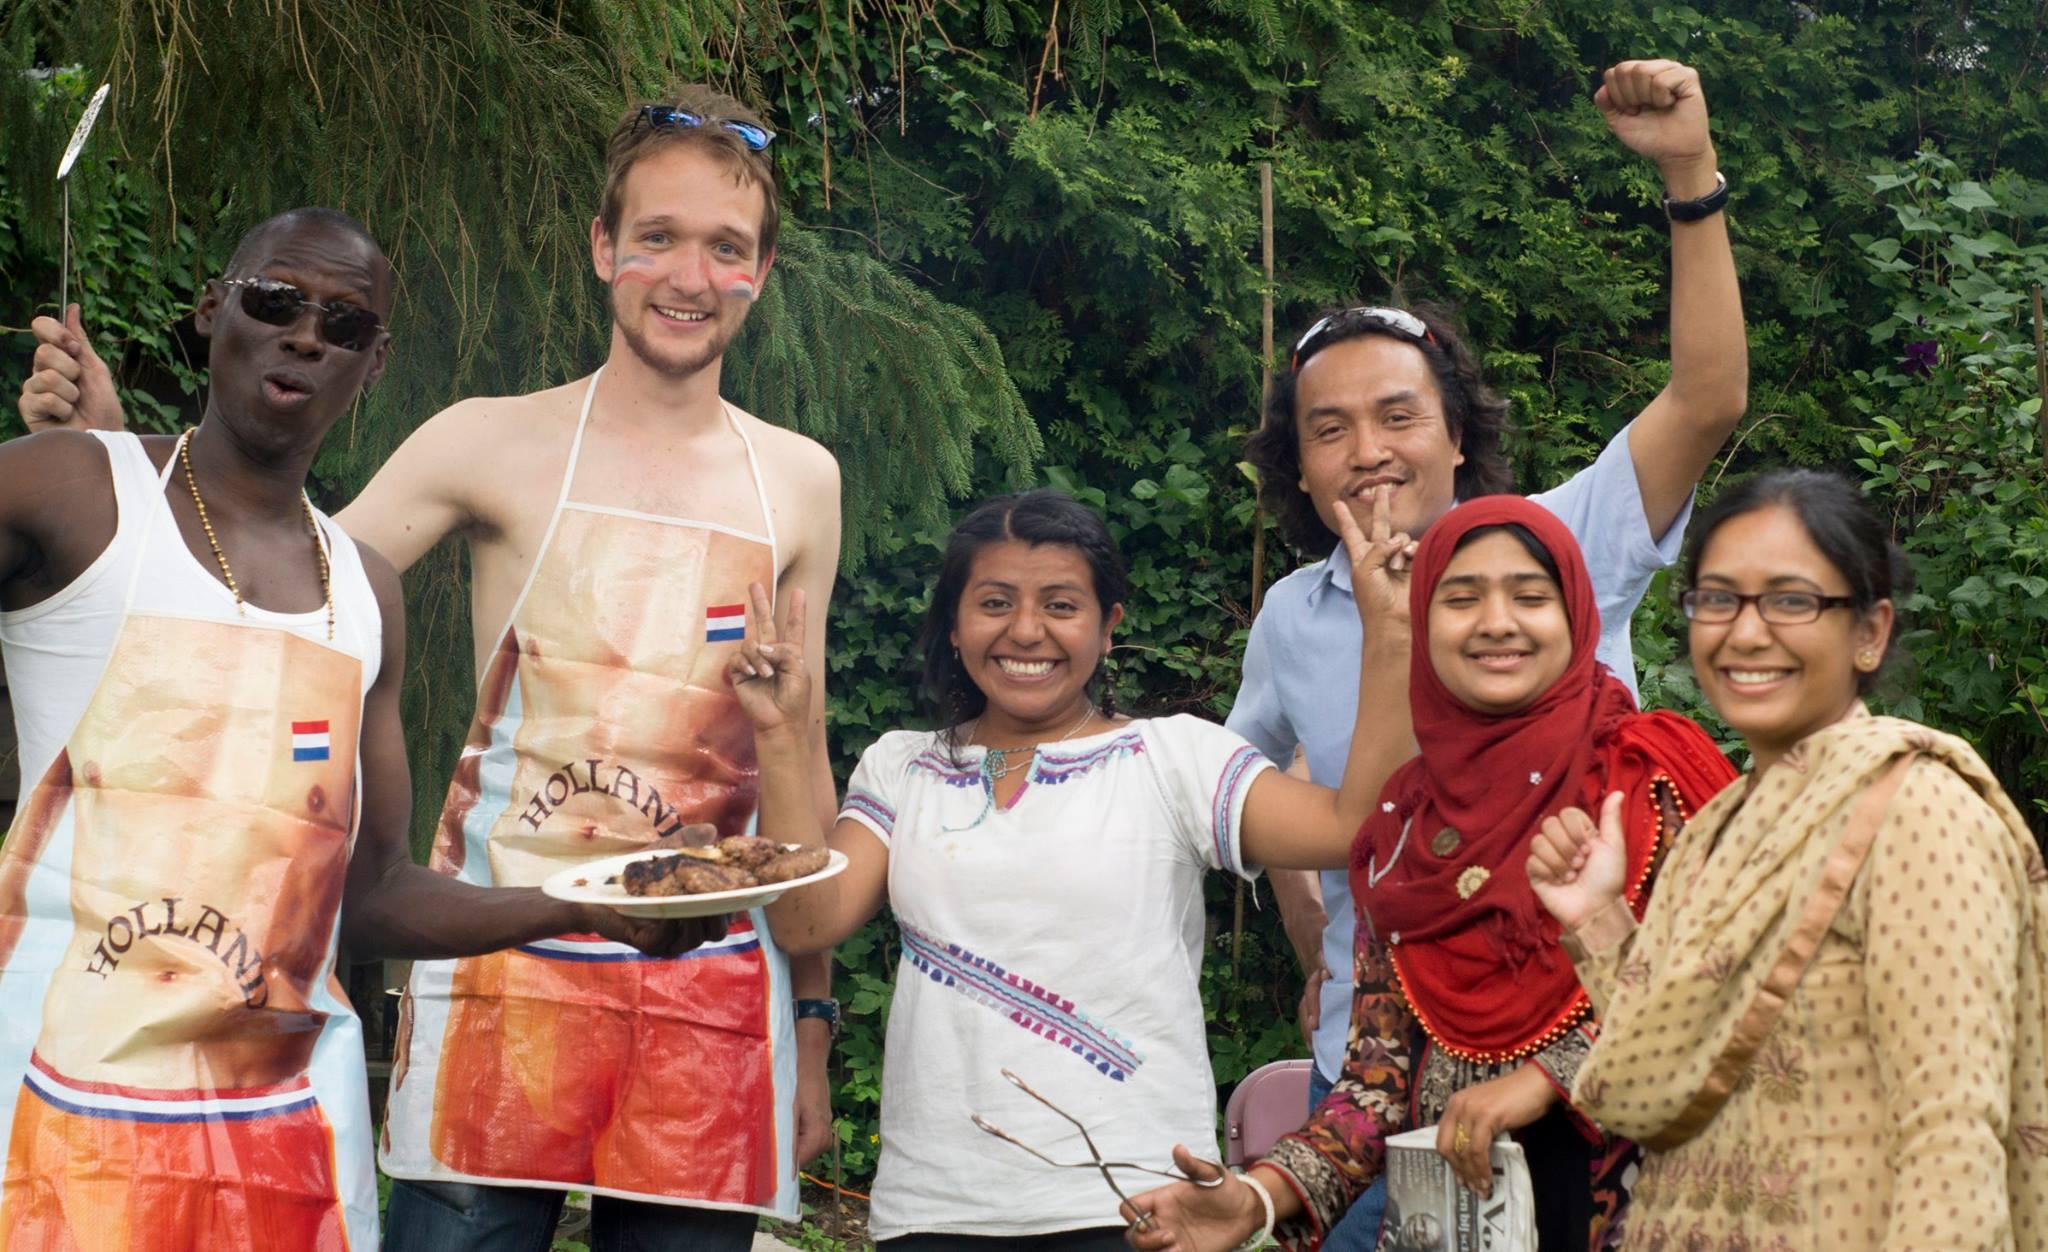 Holanda y compañeros del PhD 2014